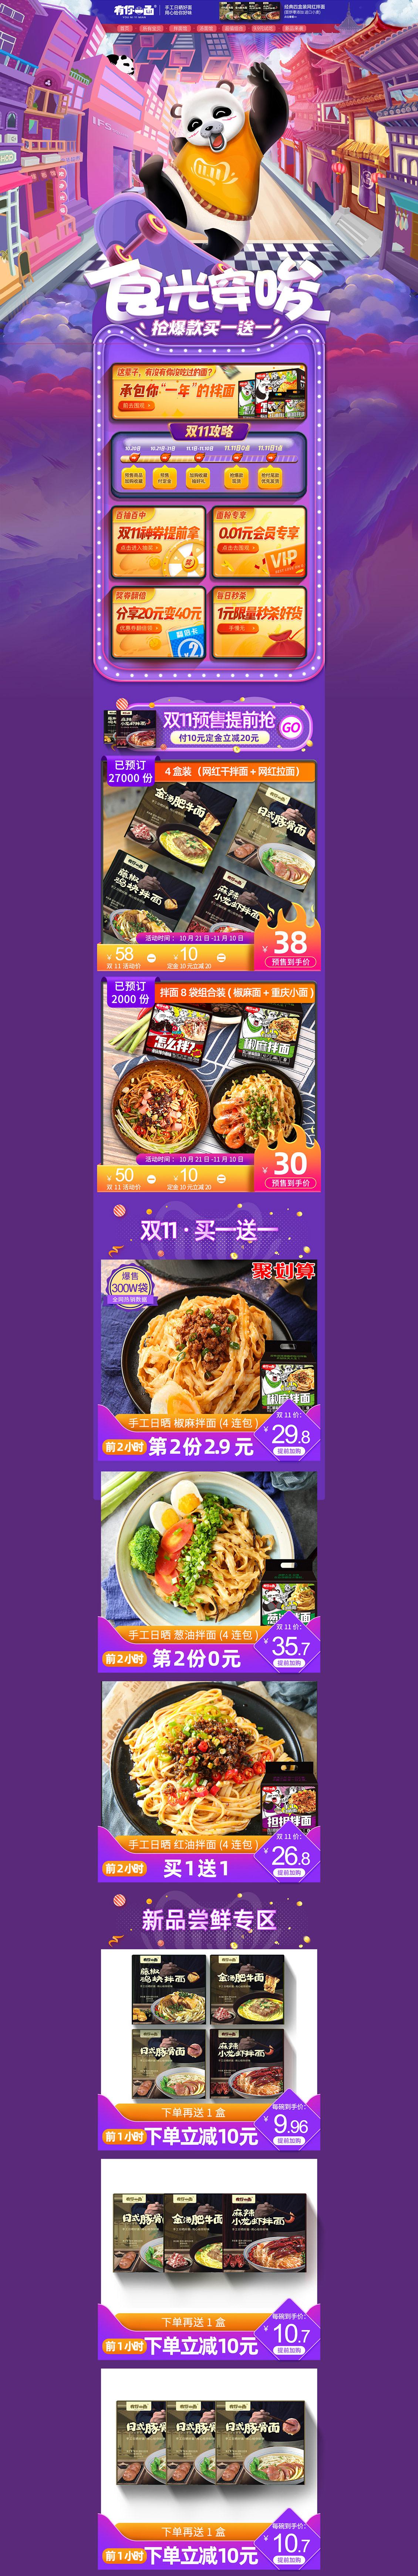 有你一面 食品 零食 酒水 双11预售 双十一来了 天猫首页活动专题页面设计